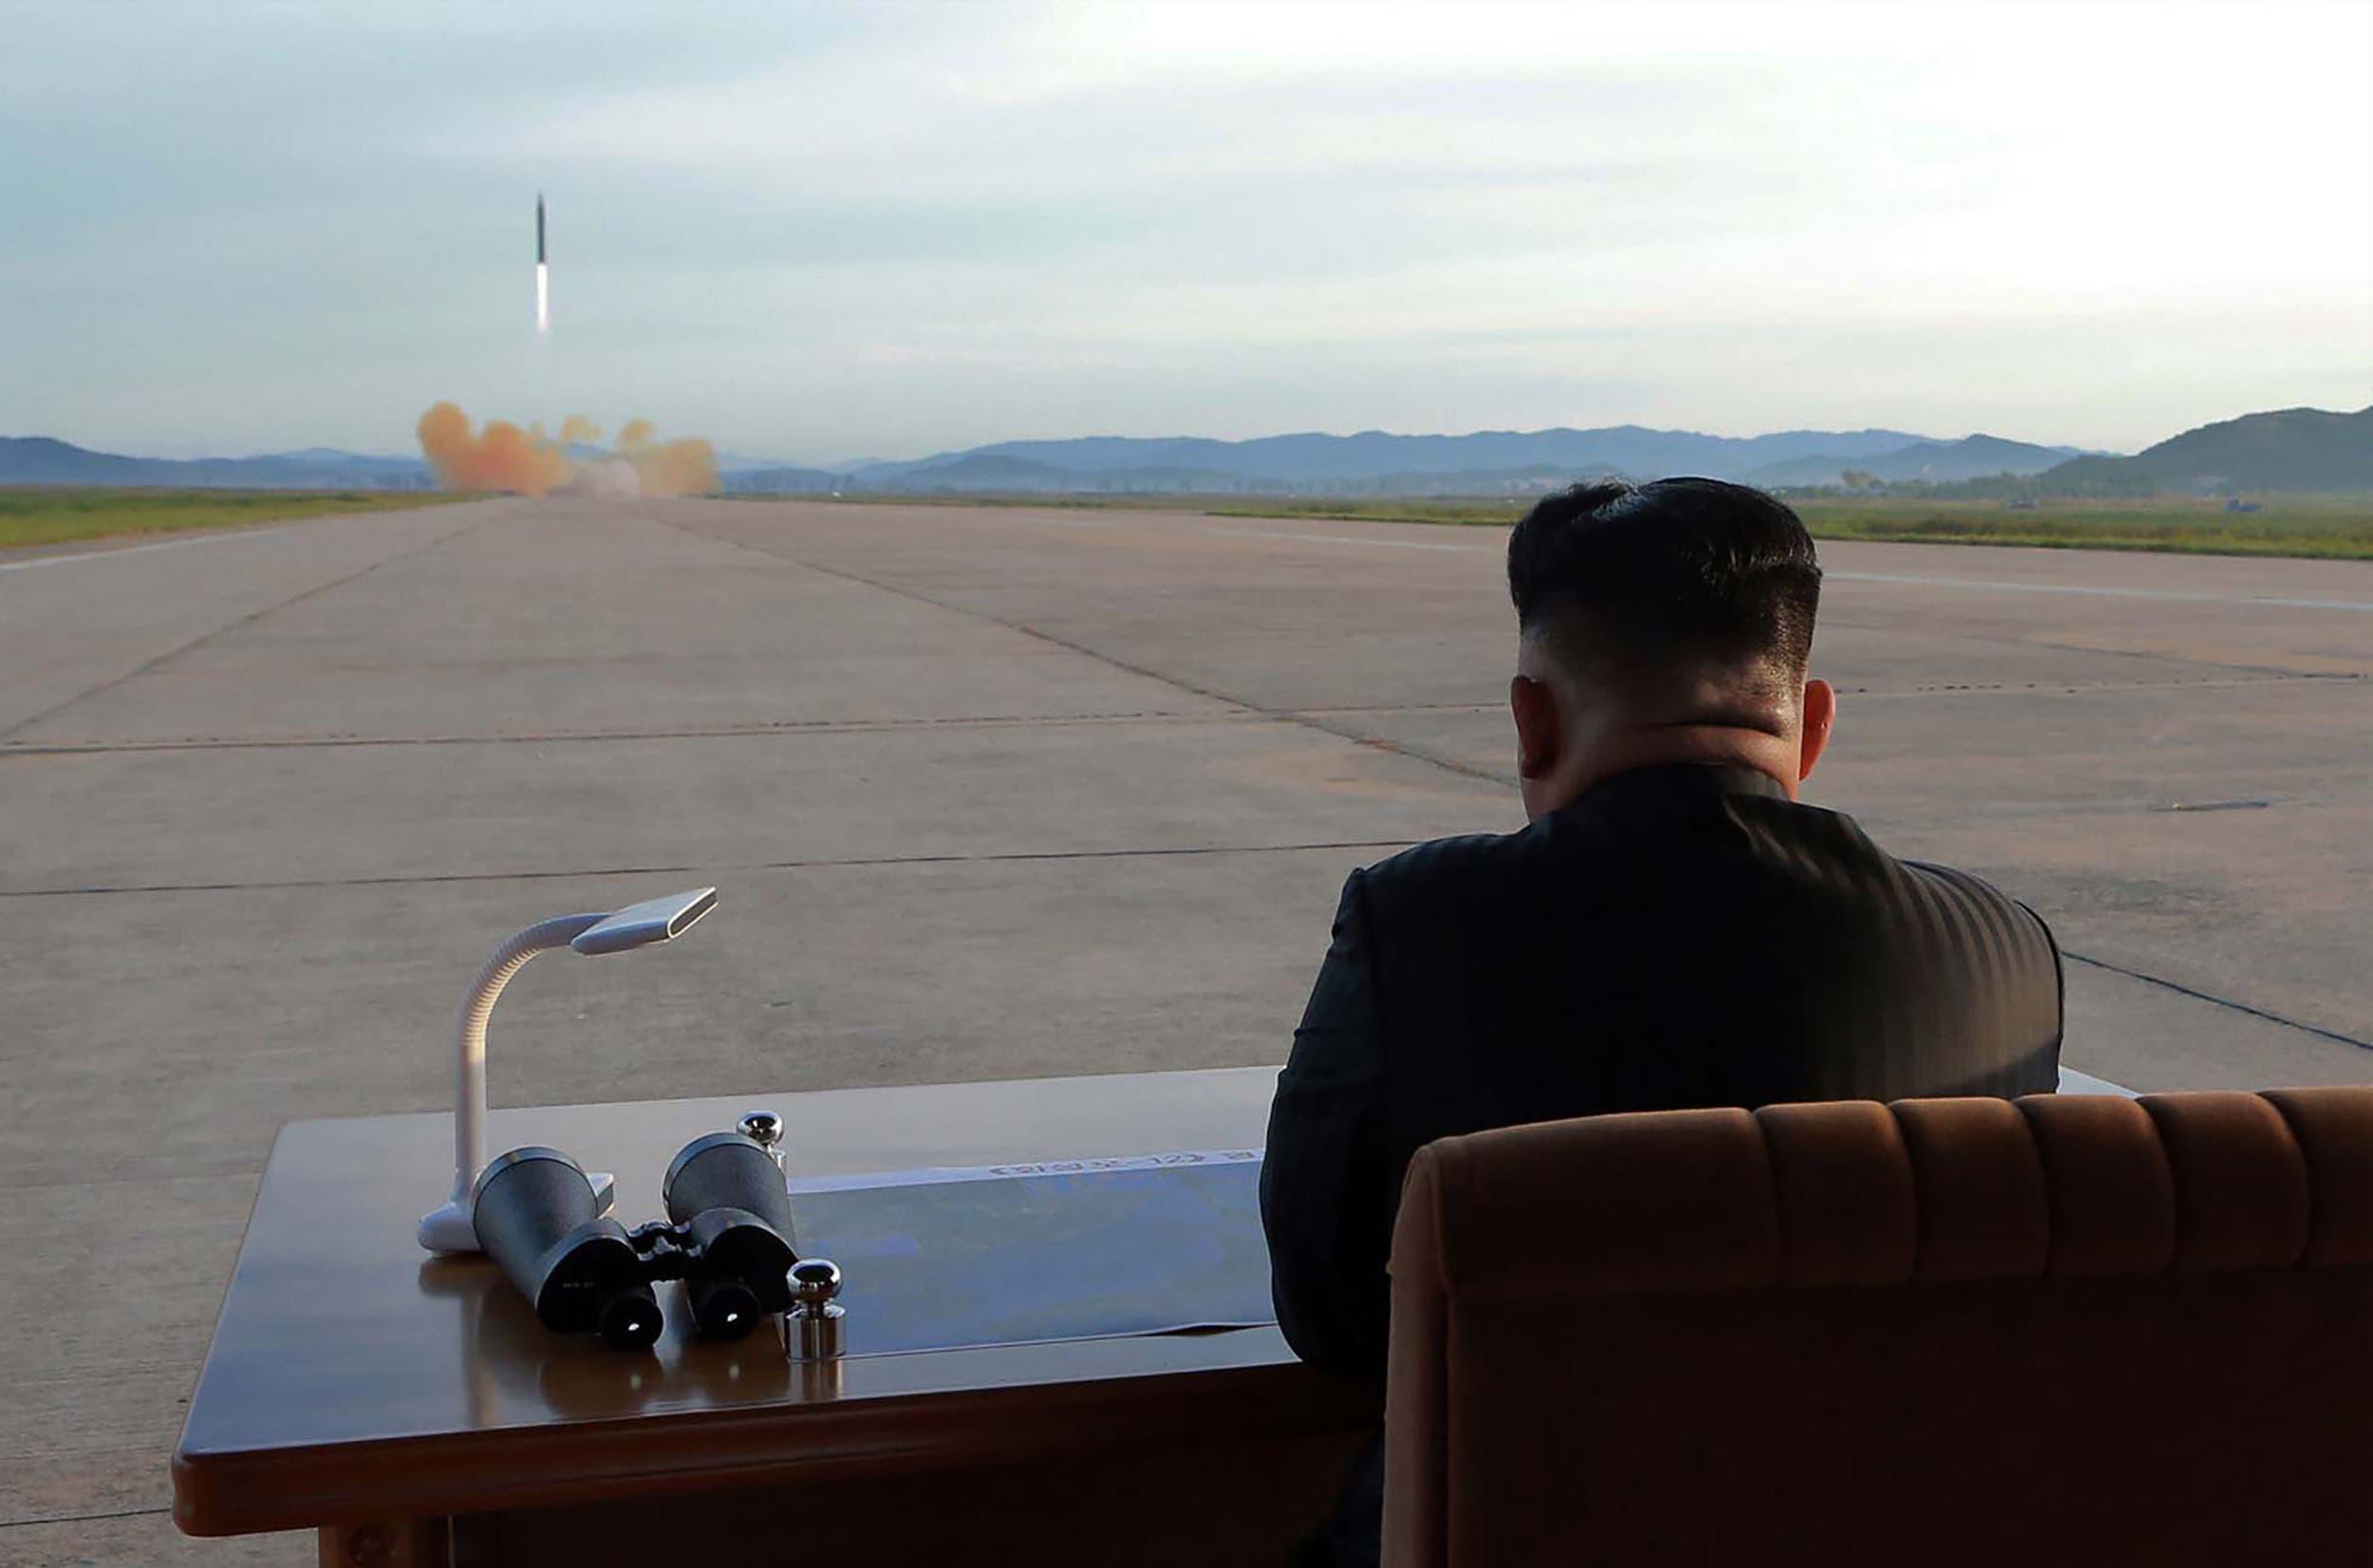 سپتامبر 2017، رهبر کره شمالی پرتاب موشک  را زیر نظر دارد